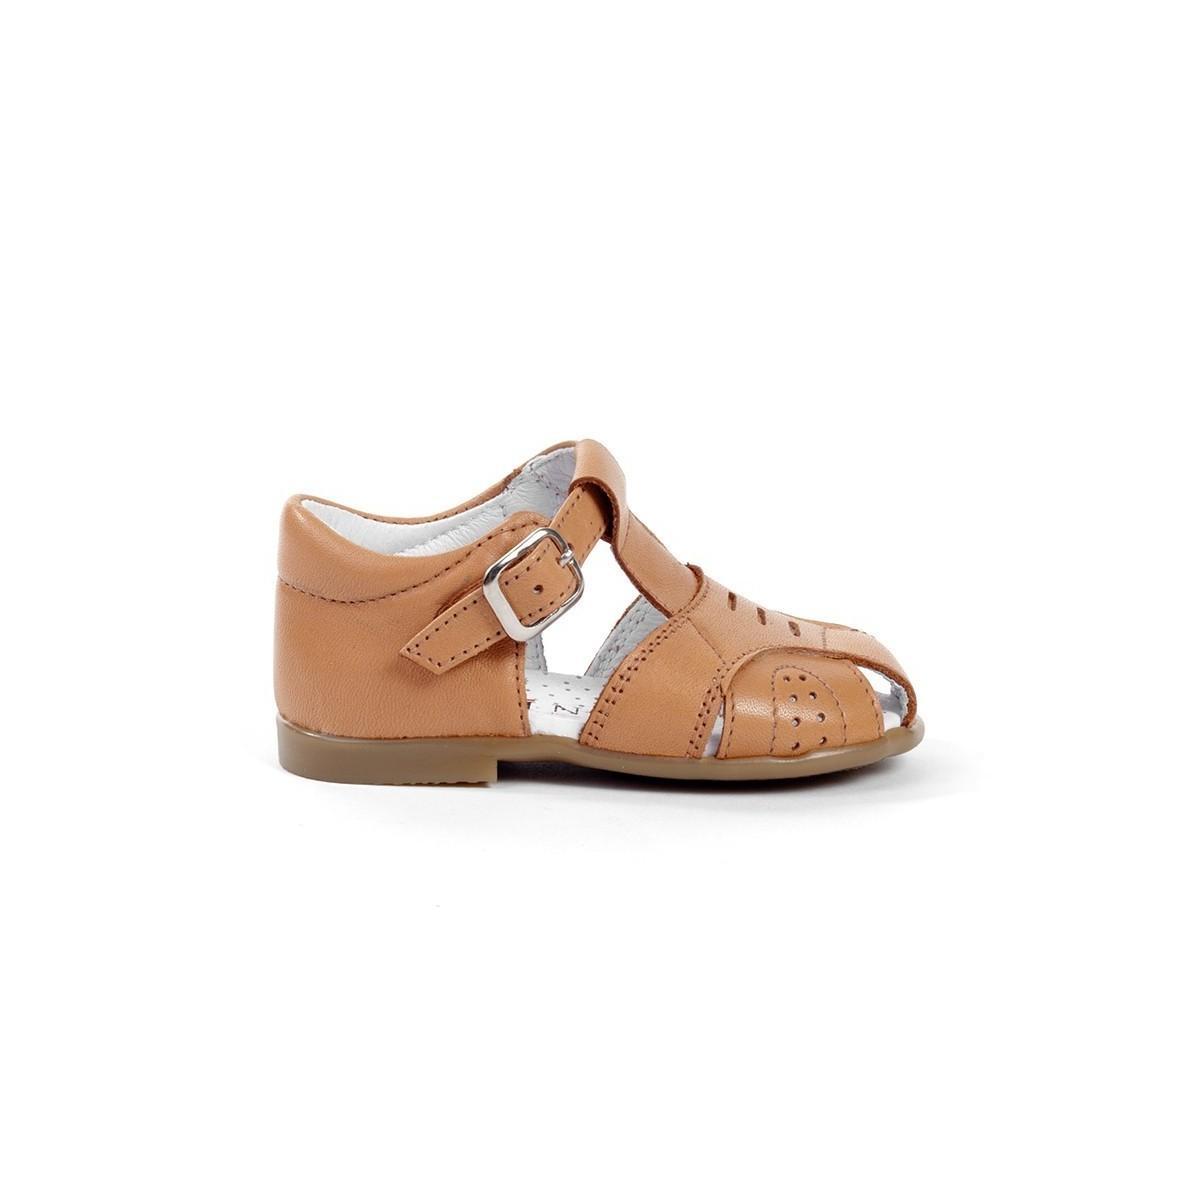 Sandales fermées cuir camel